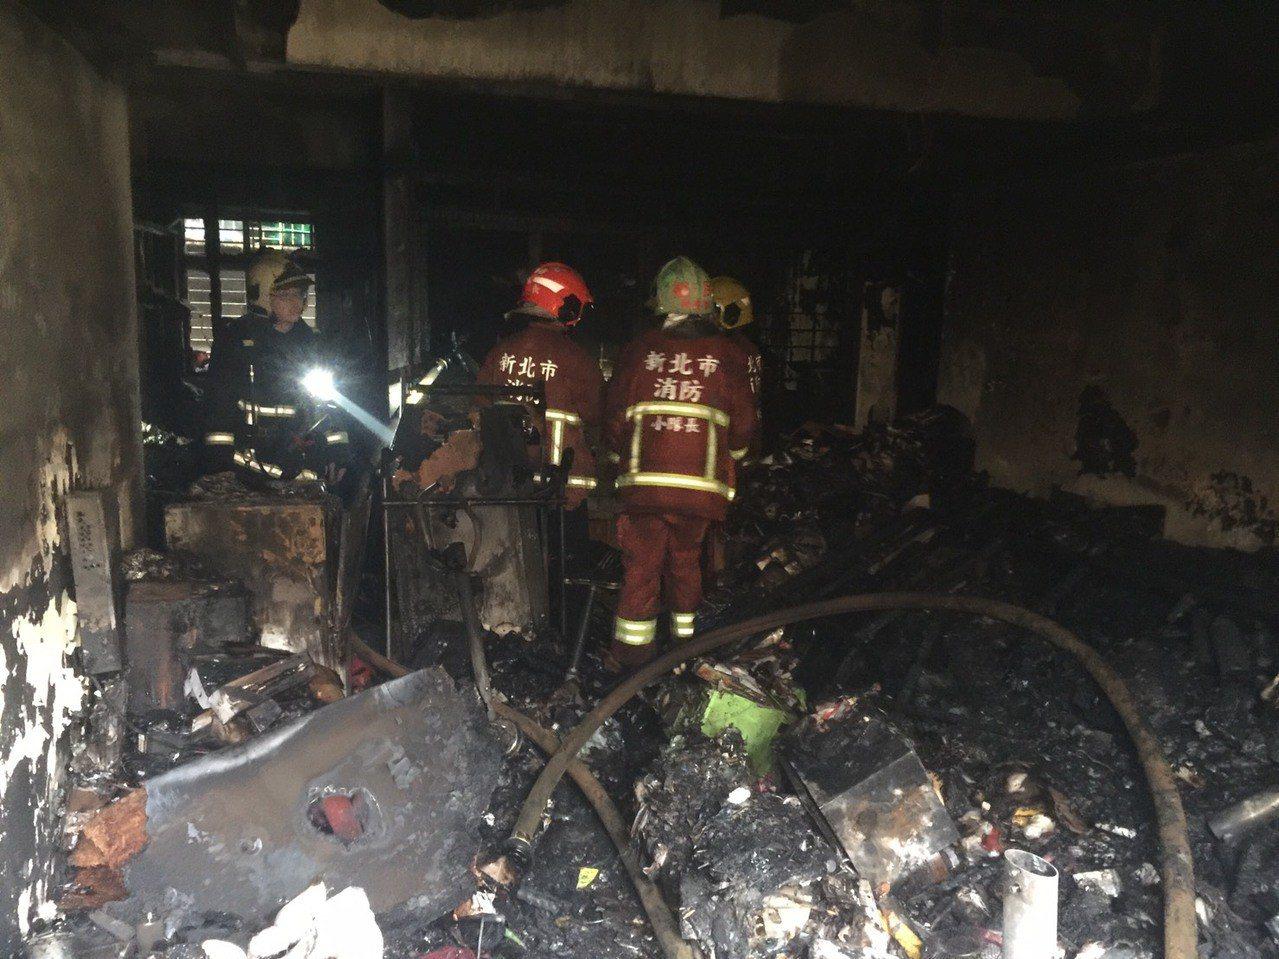 新北市消防人員撲滅火勢後進入查看,屋內已經燒得一片焦黑。記者巫鴻瑋/翻攝